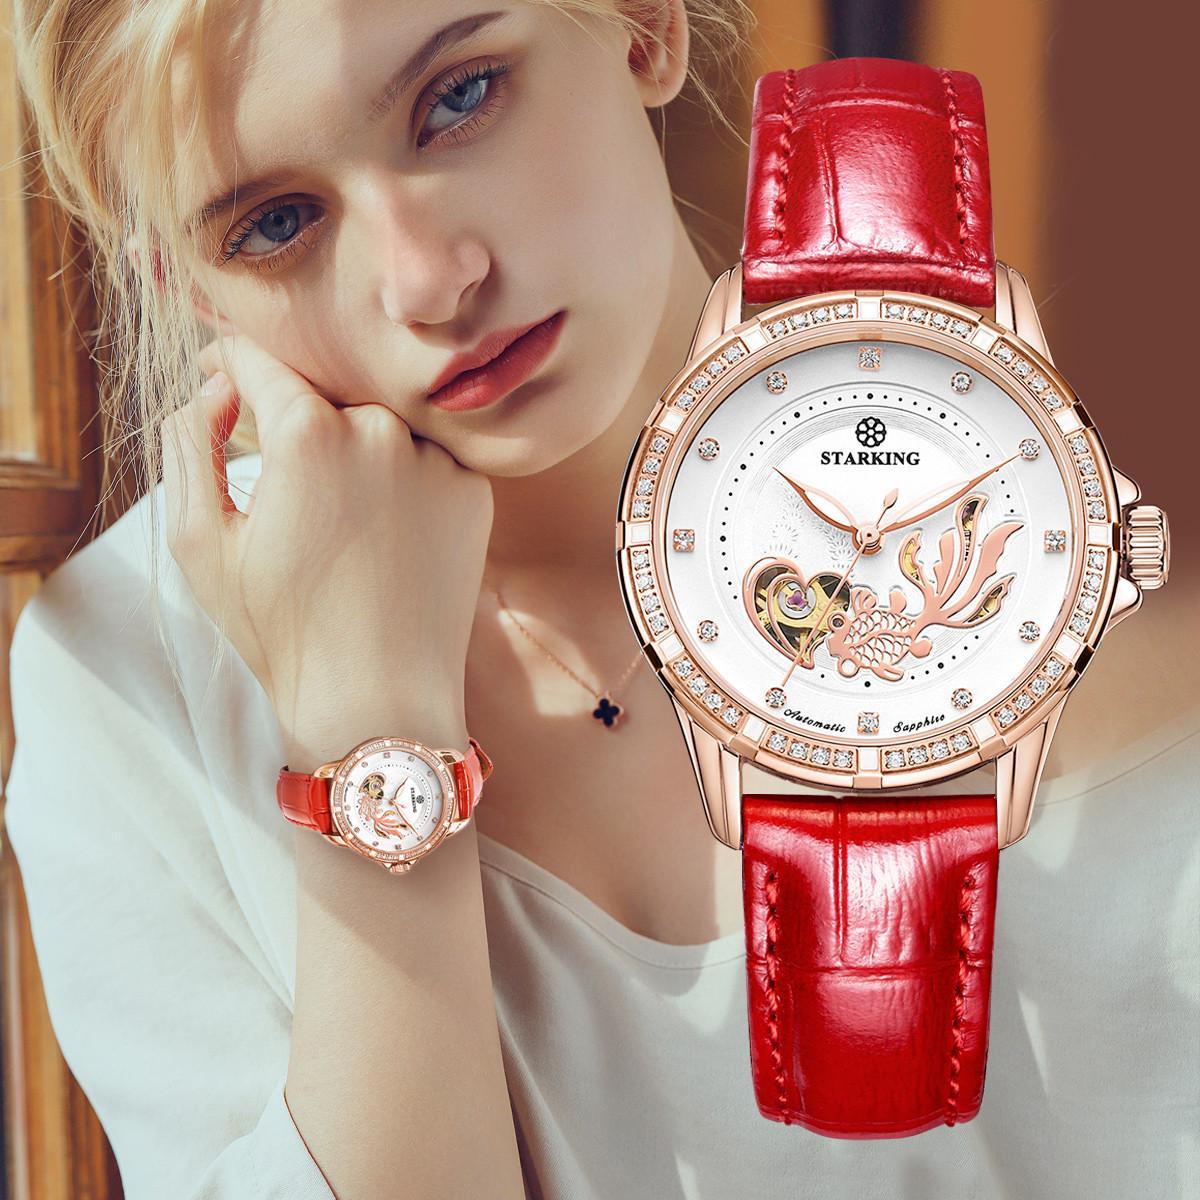 星皇星皇手表女机械表全自动防水夜光皮带女士手表时尚女表AL0219ML51